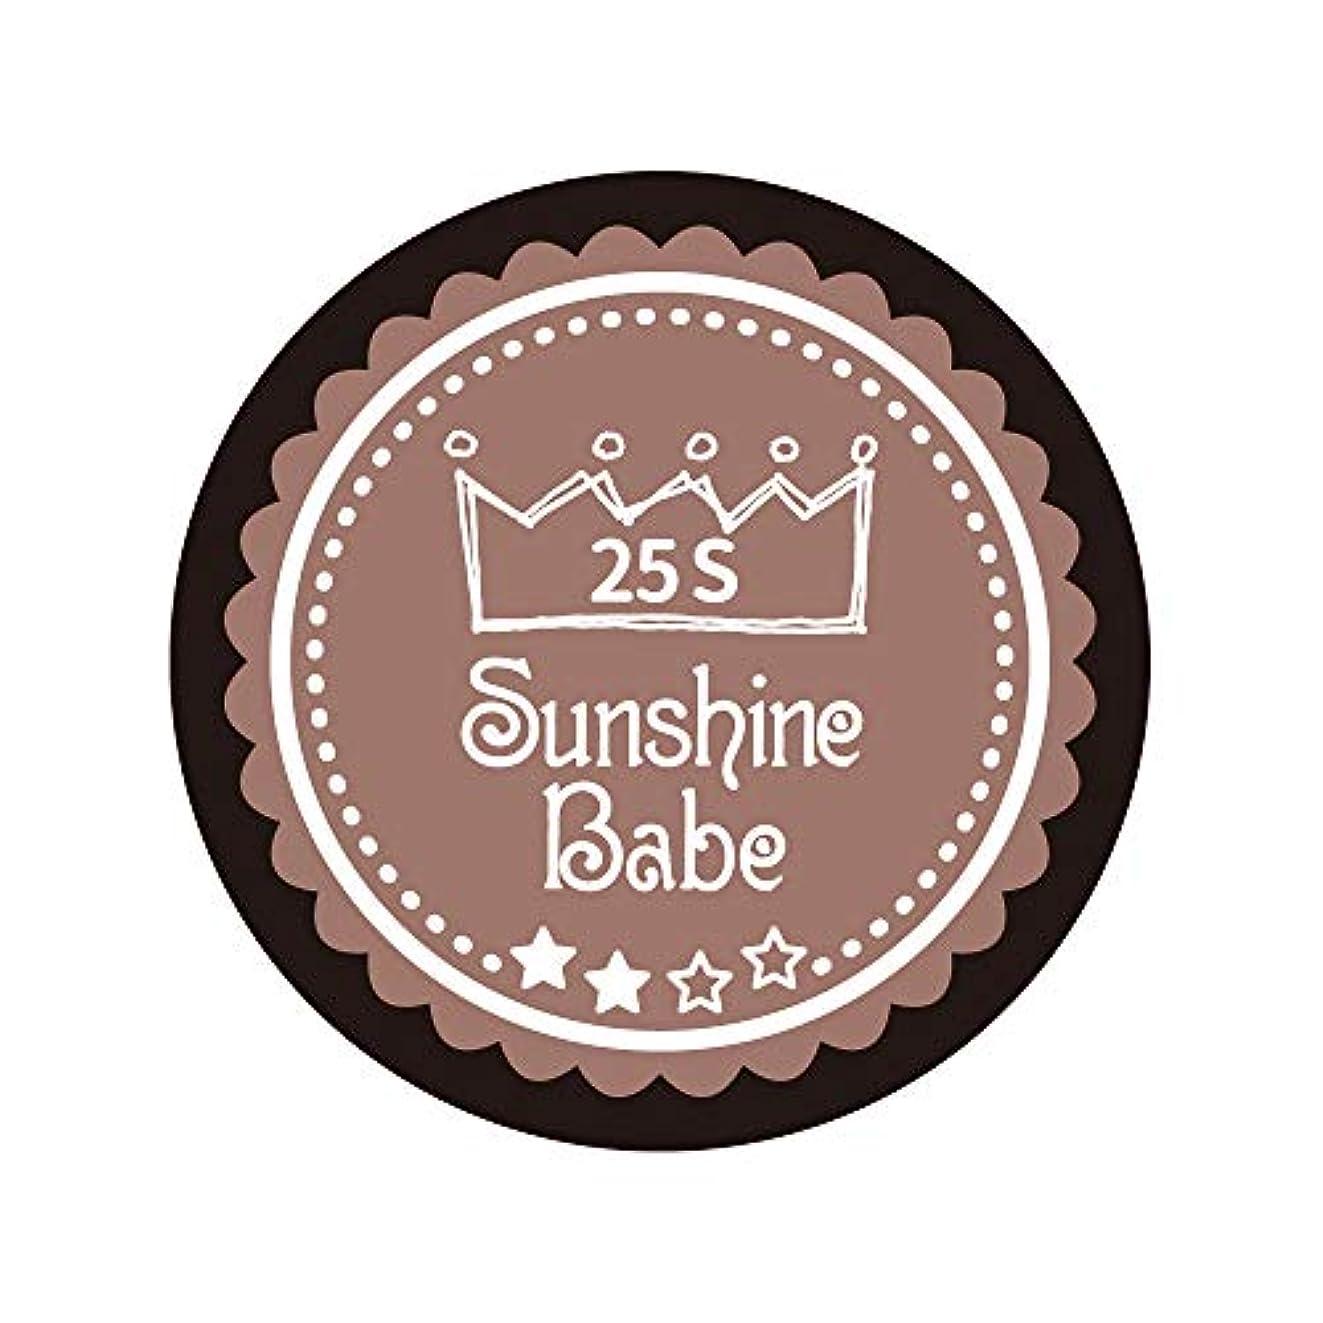 モート侵略月Sunshine Babe カラージェル 25S ミルキーココア 2.7g UV/LED対応